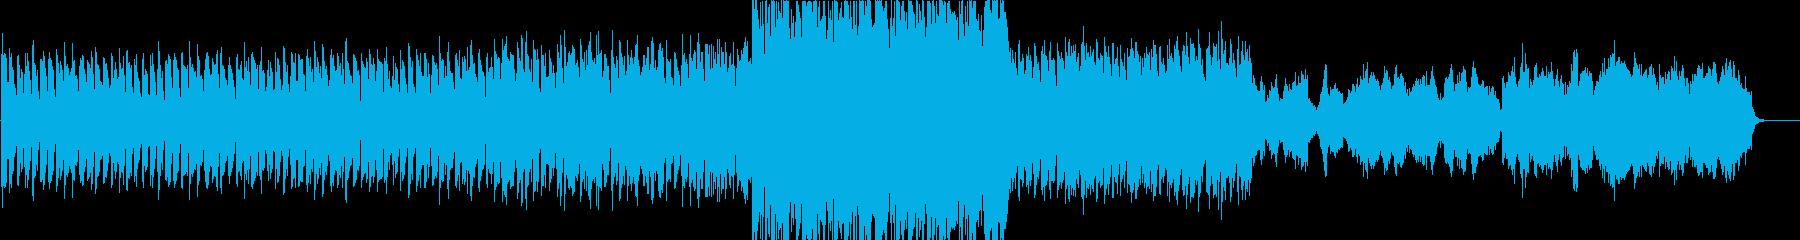 壮大で力強いバラード風オーケストラの再生済みの波形